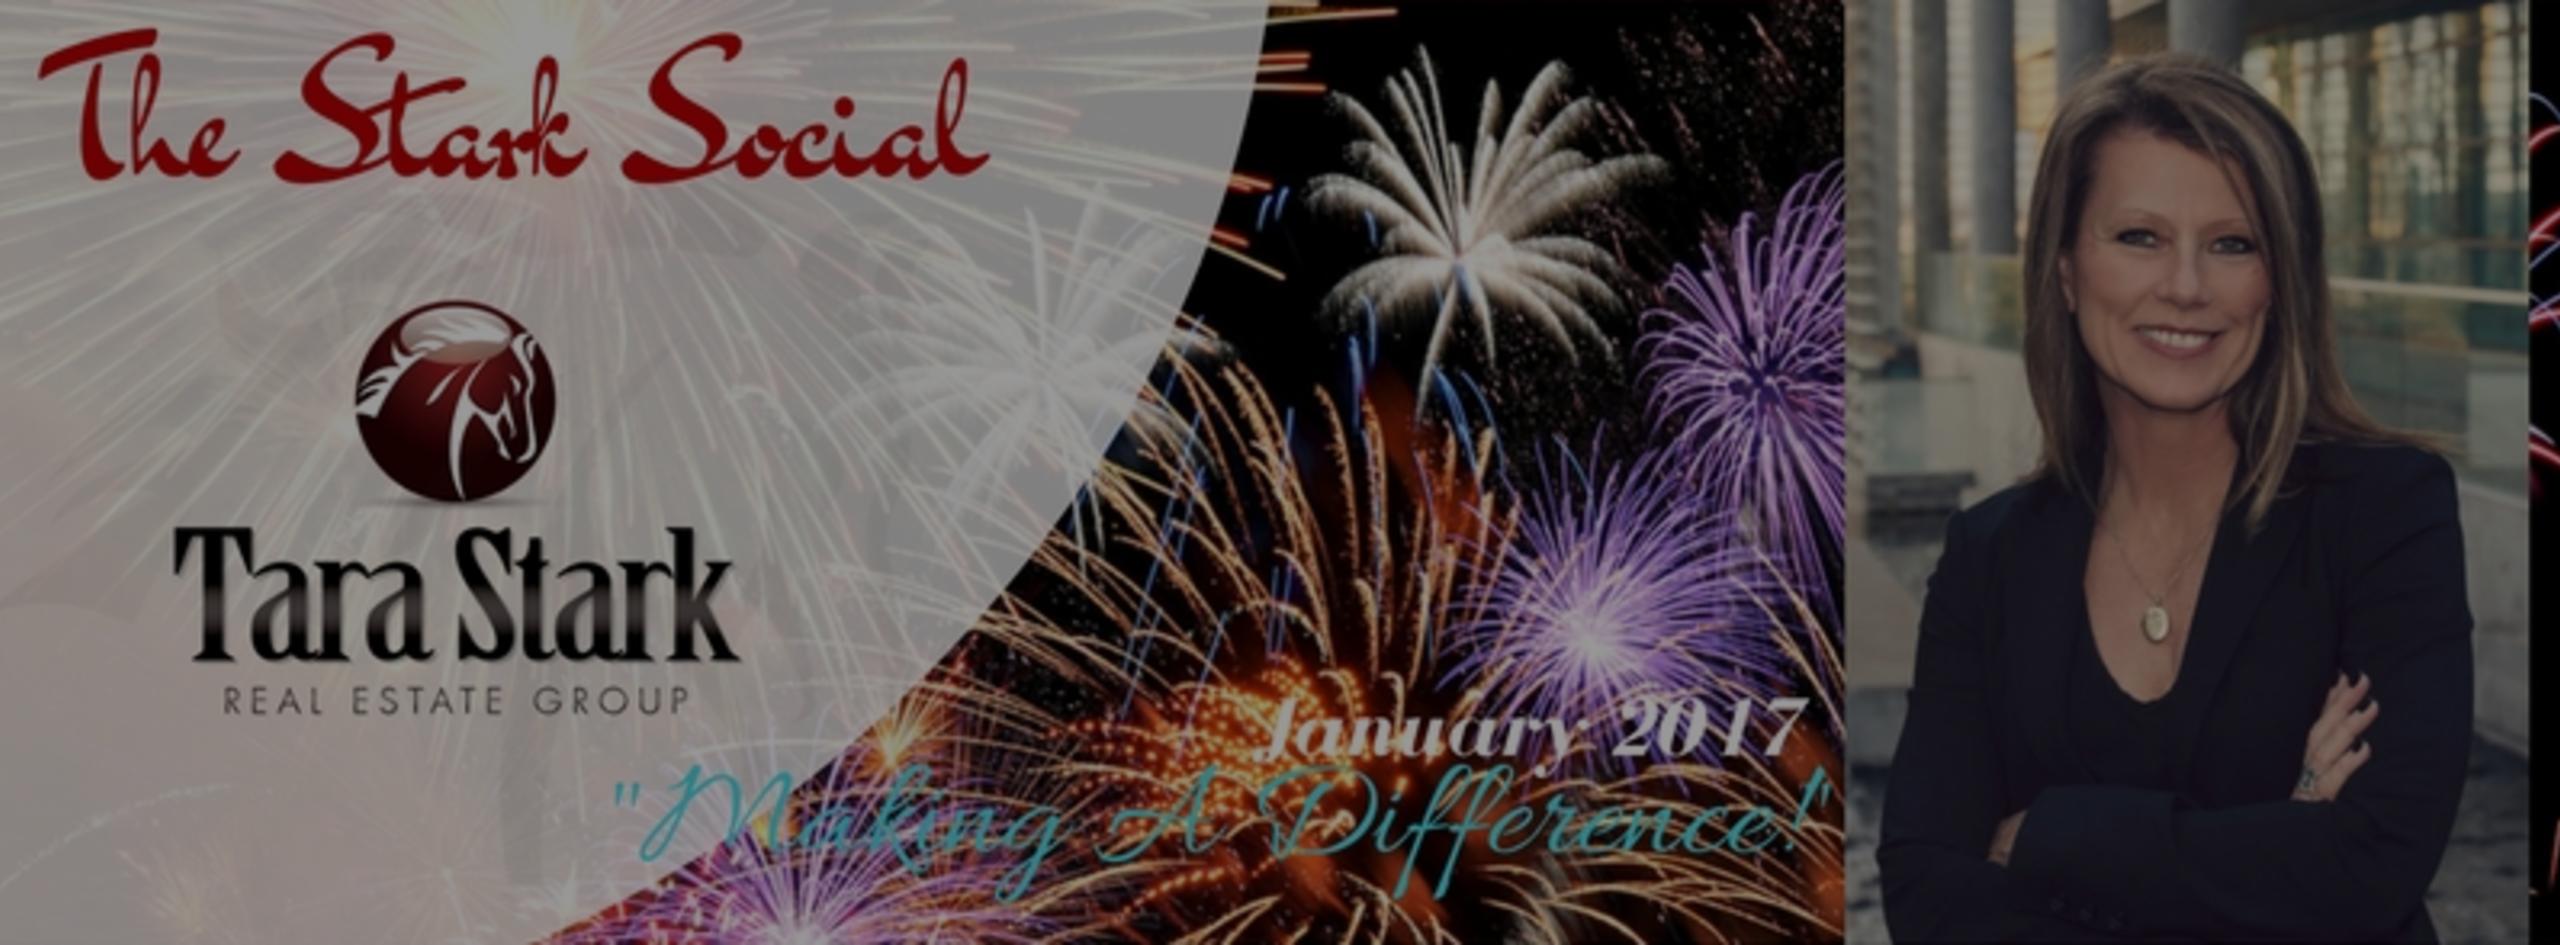 Happy New Year – January 2017 Stark Social